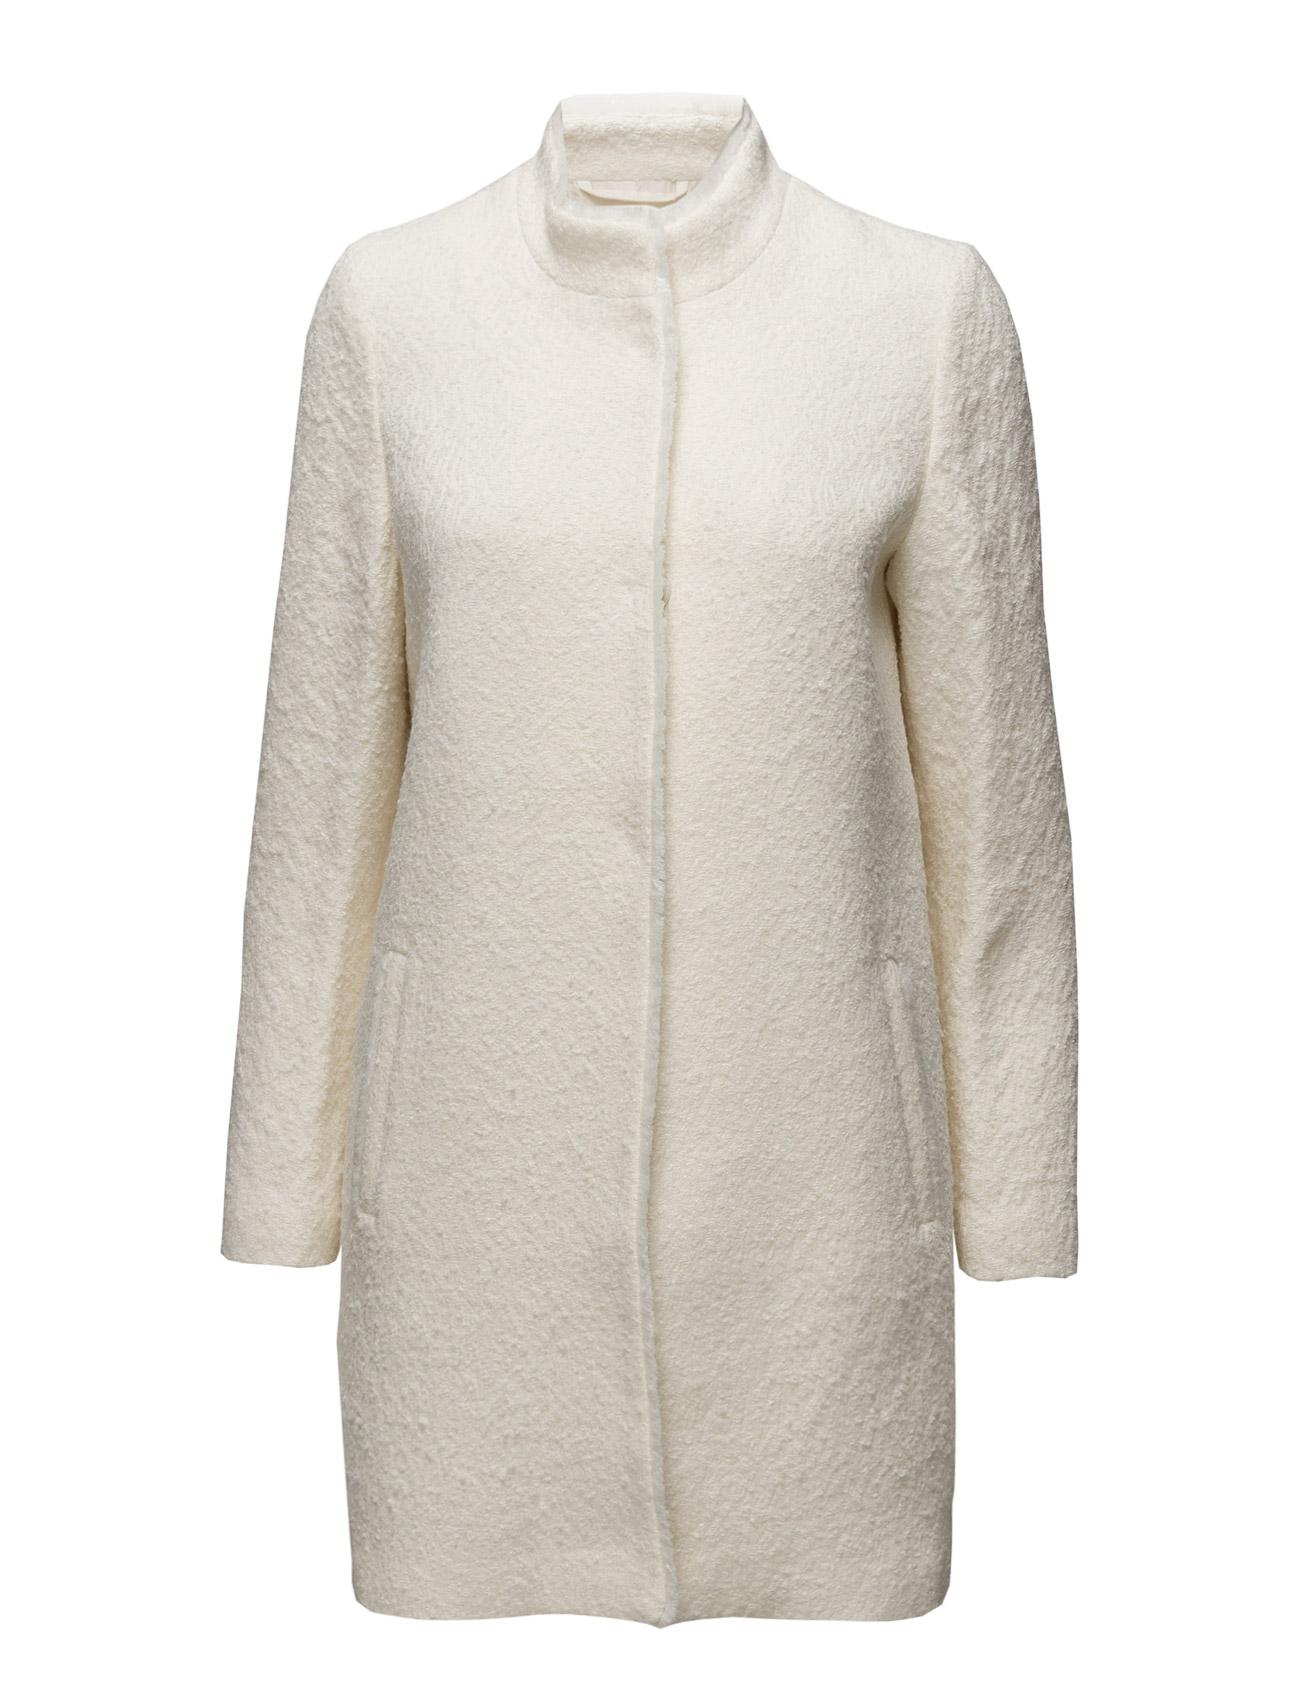 Coats Woven Esprit Collection Frakker til Kvinder i Off White